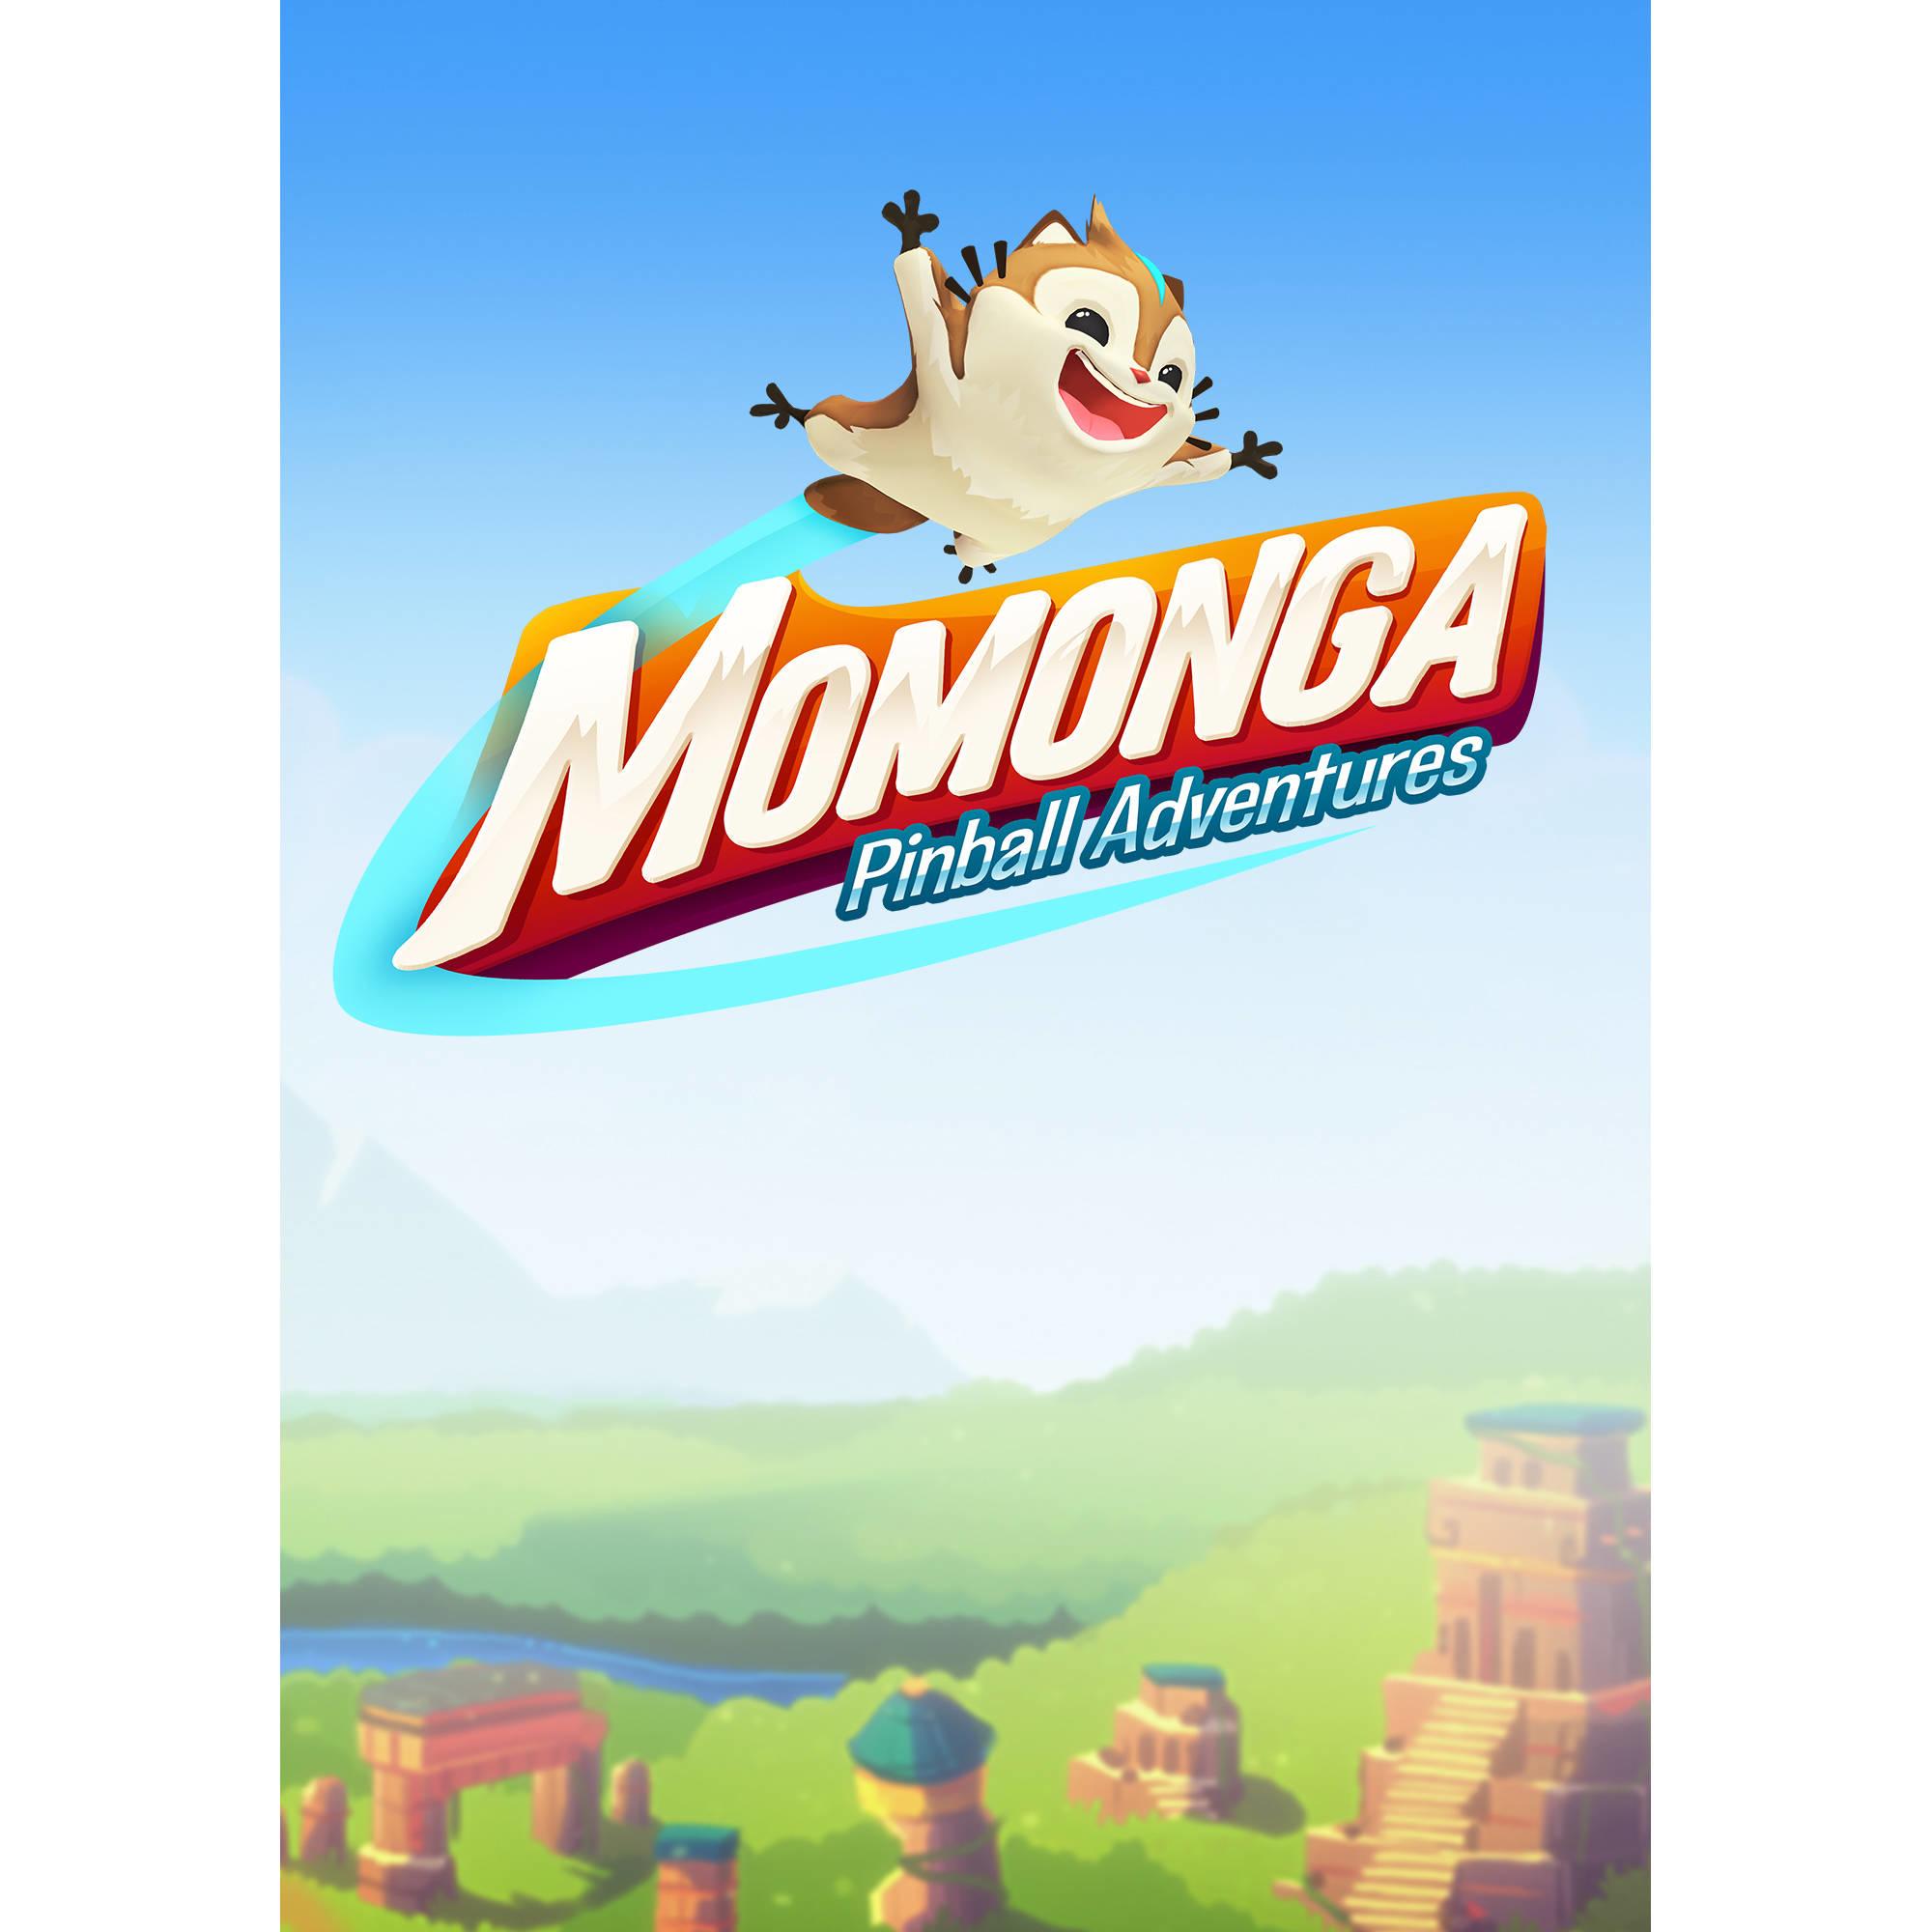 Nexway Momonga Pinball Adventures vídeo juego PC/Mac Básico Español